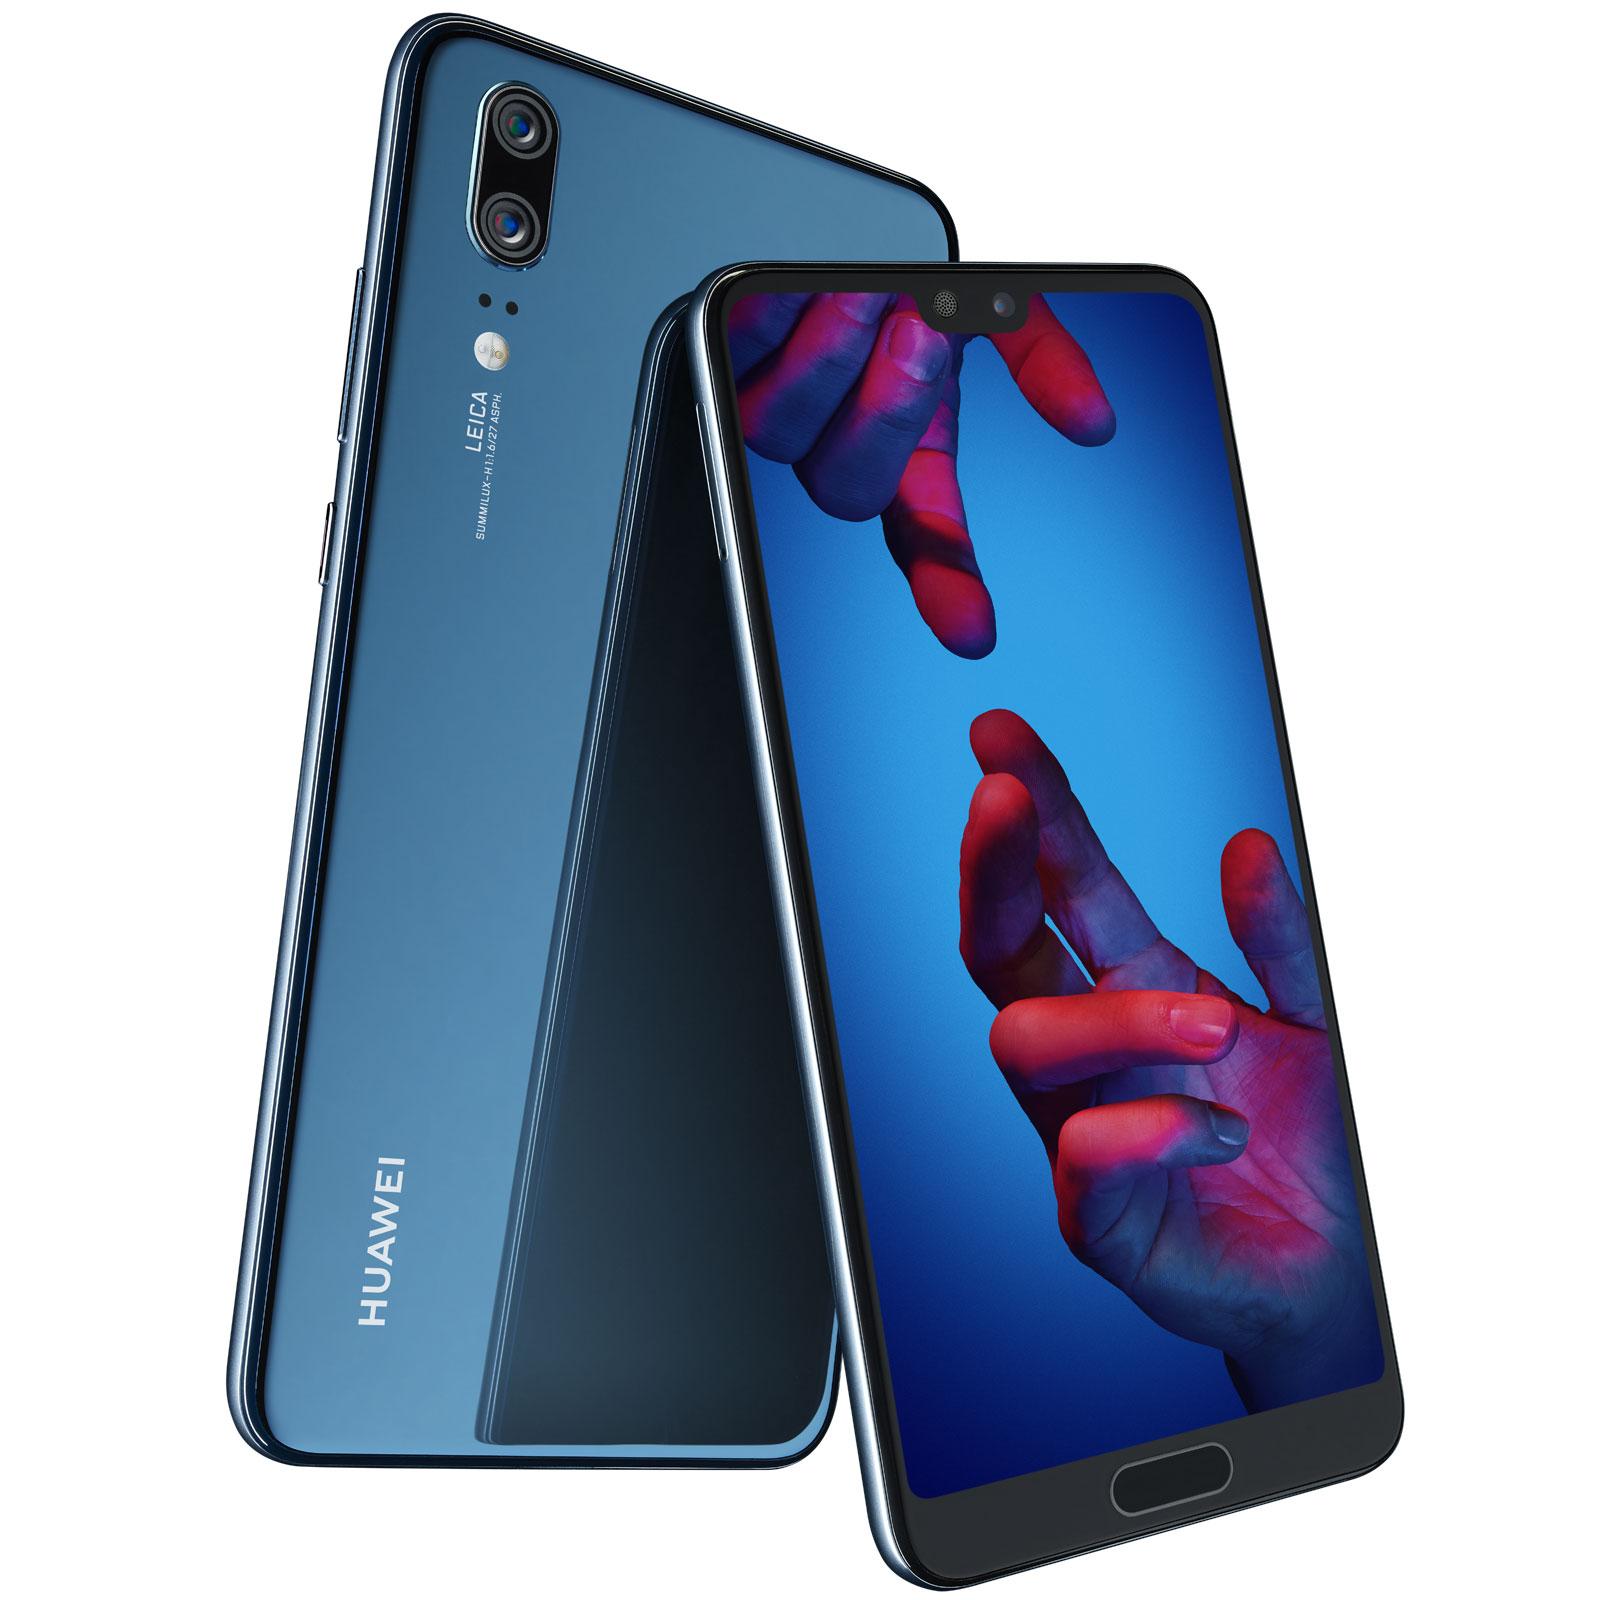 """Smartphone 5.84"""" Huawei P20 (Coloris au choix) - Full HD+, Kirin 970, RAM 4 Go, ROM 128 Go (via reprise ancien téléphone en magasin + 50€ en carte cadeau avec le code WEB10)"""